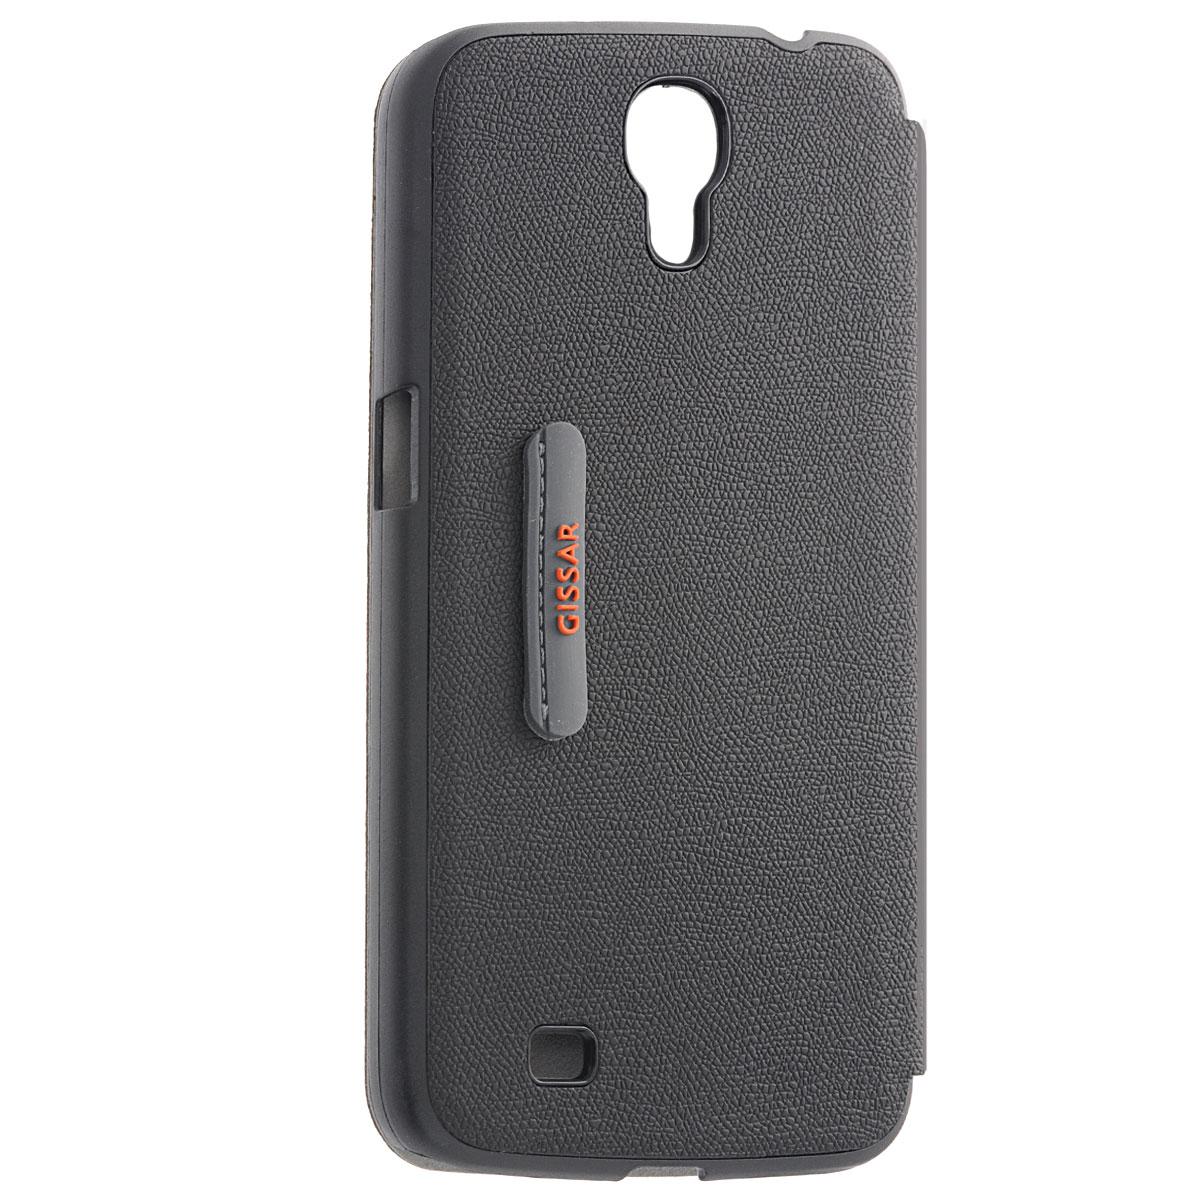 Gissar Rocky чехол для Samsung Mega 6.3, Black58616Чехол Gissar Rocky для Samsung Mega 6.3 предназначен для защиты корпуса смартфона от механических повреждений и царапин в процессе эксплуатации. Имеет свободный доступ ко всем разъемам и кнопкам устройства.